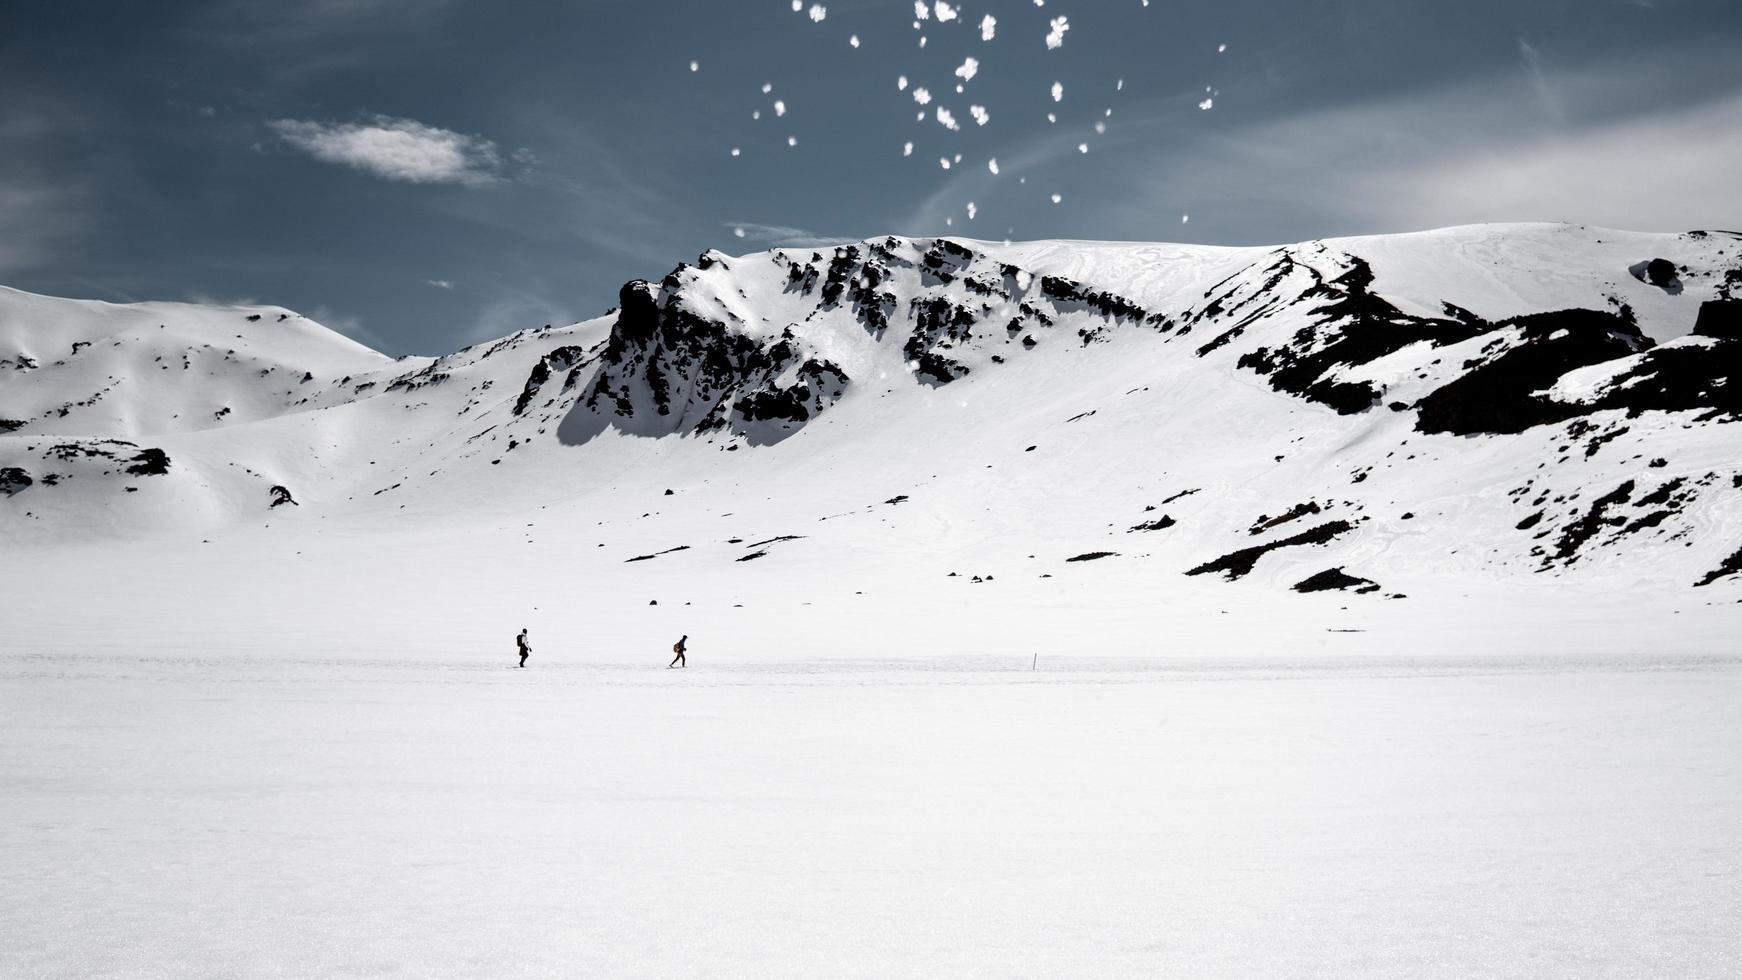 collines couvertes de neige pendant la journée photo